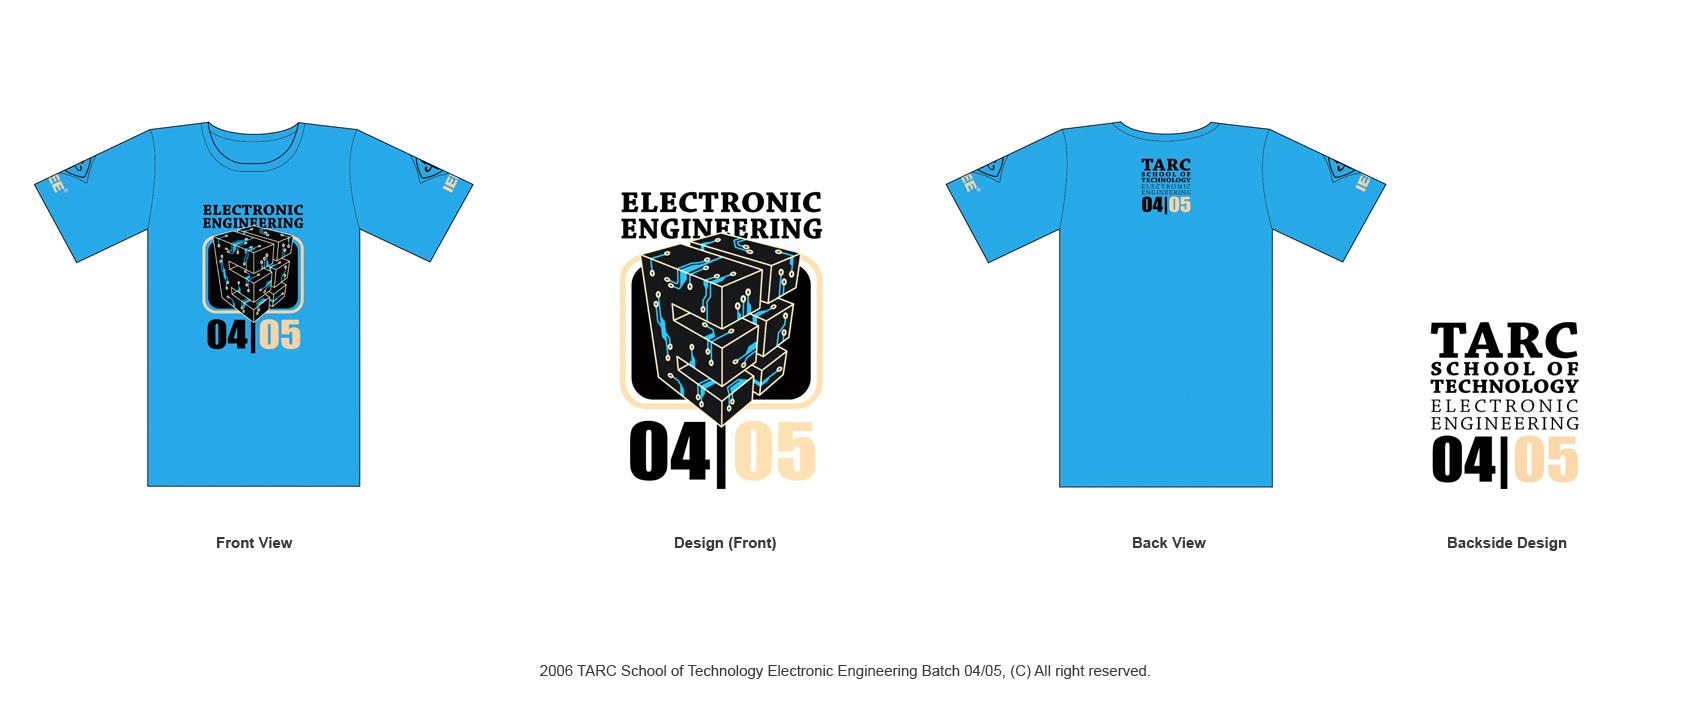 TARC IEEE T-Shirt Design